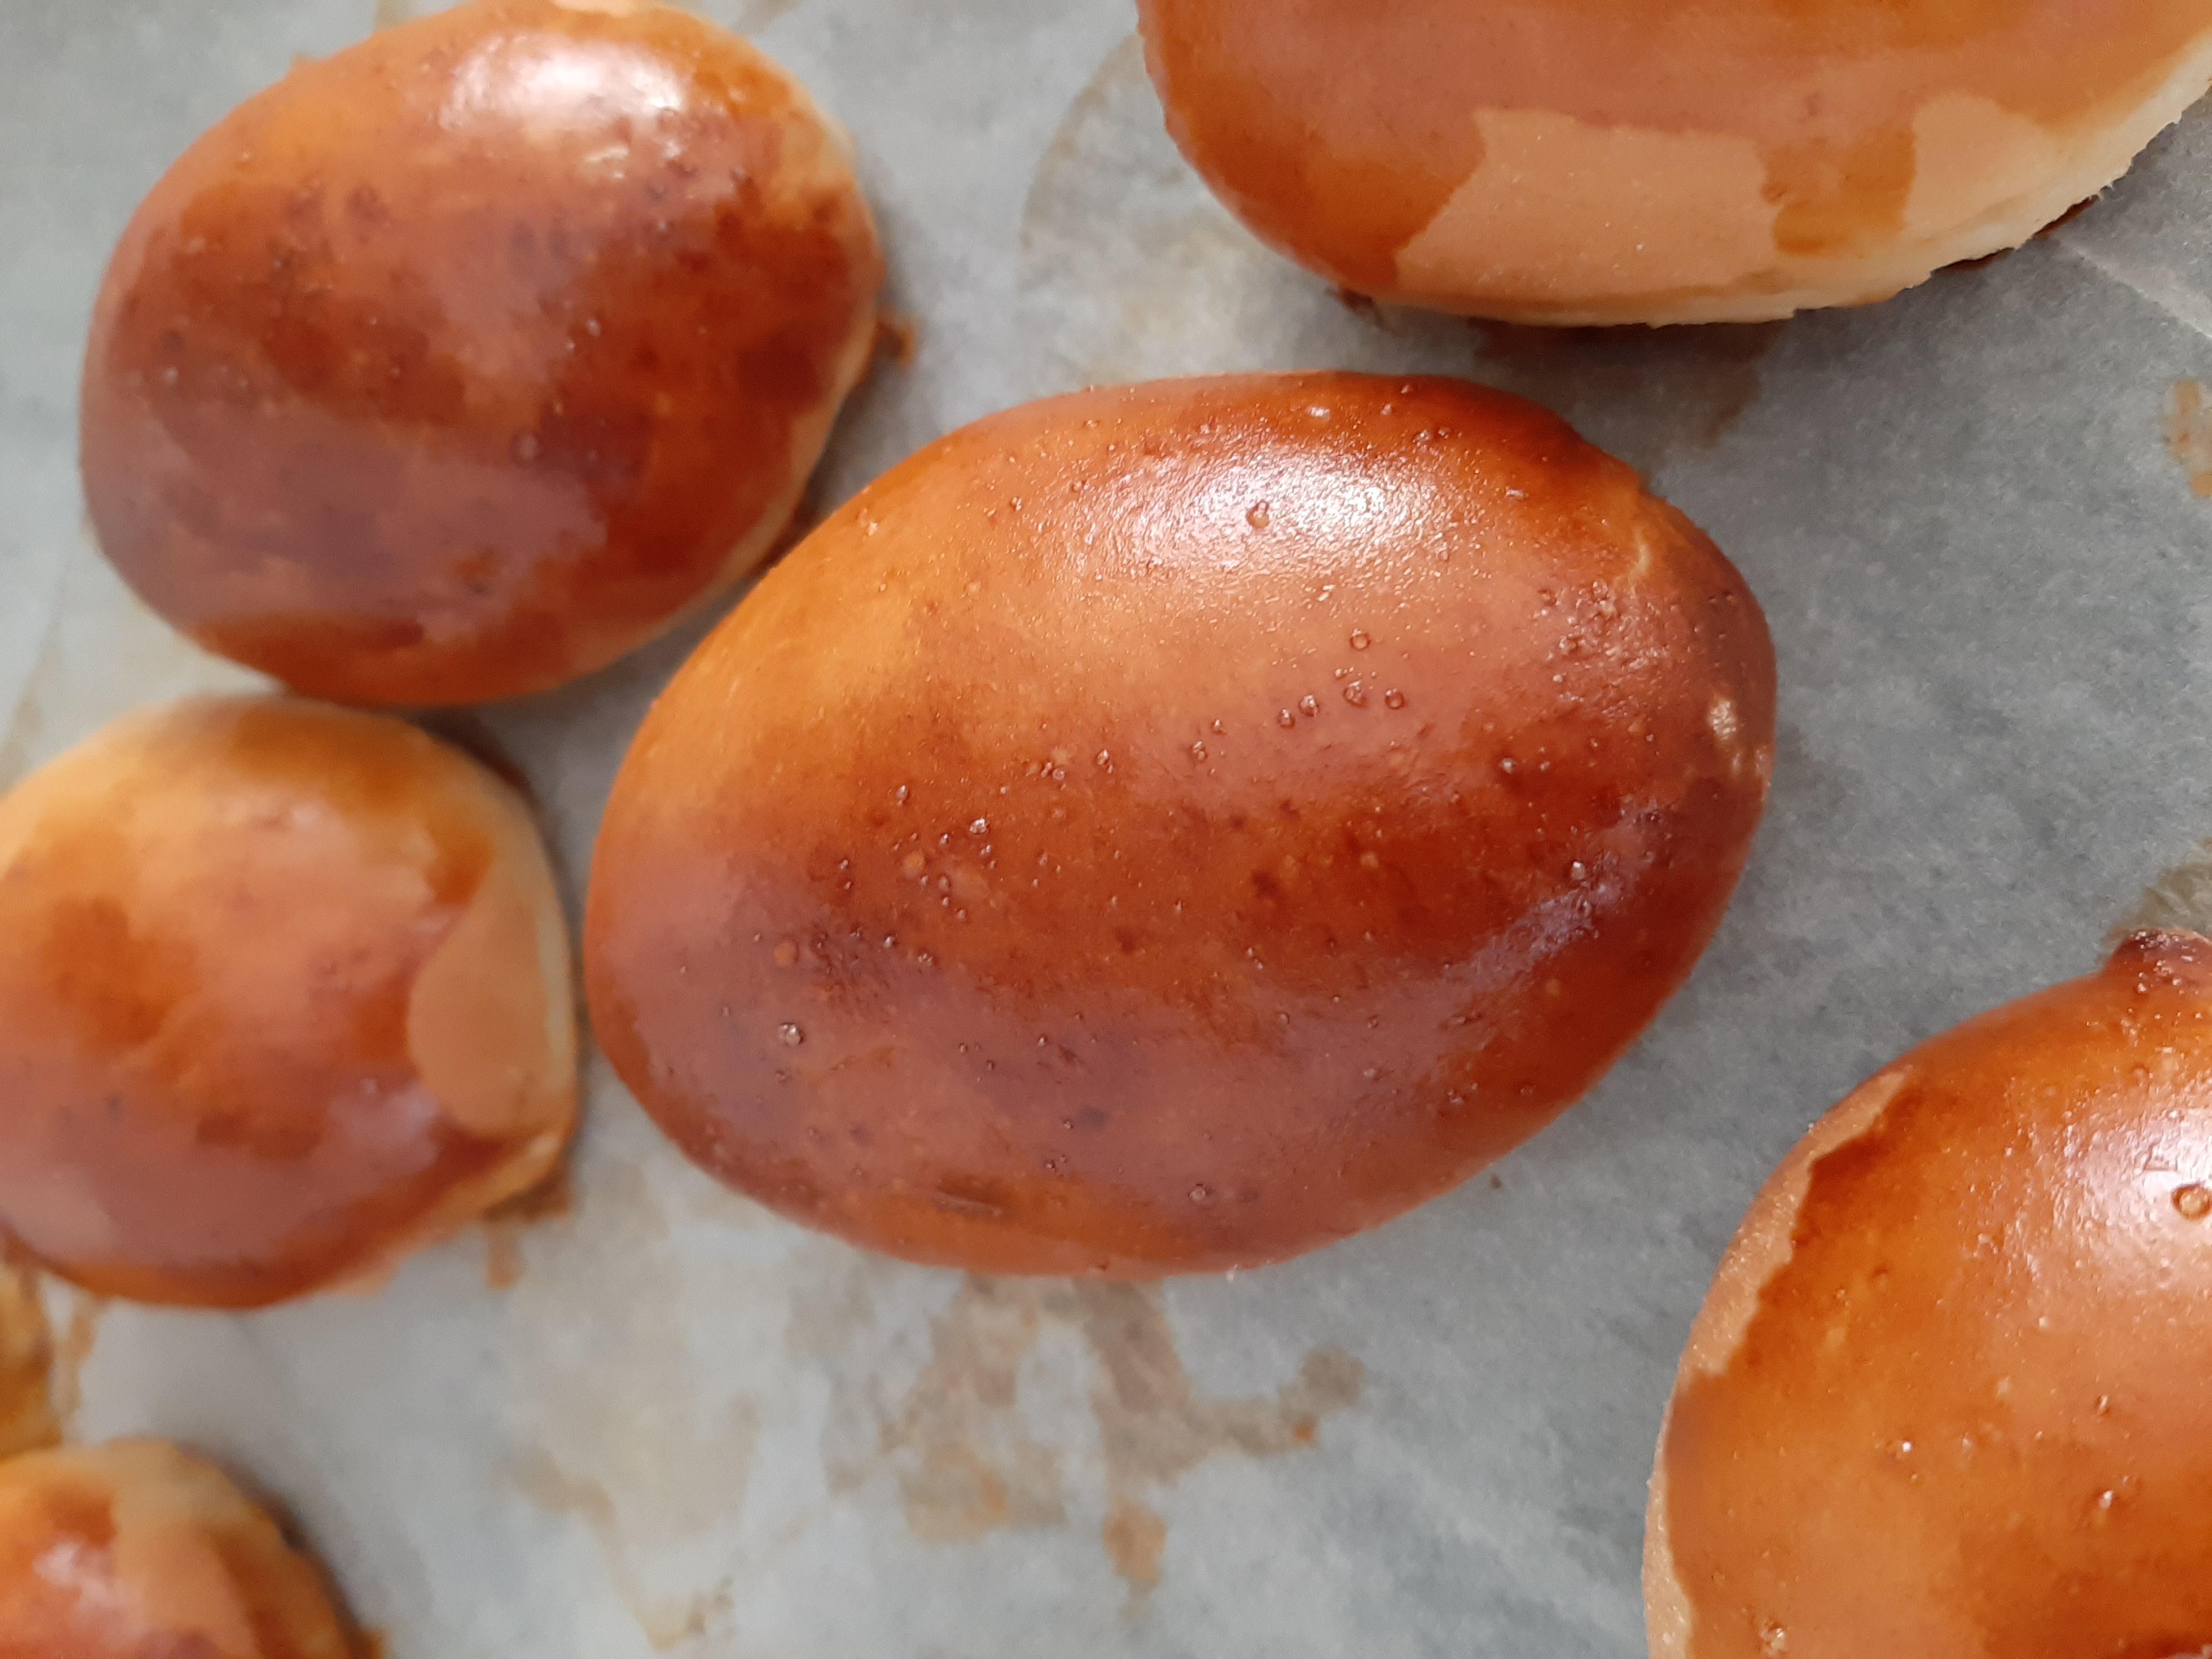 Pains navettes - petits pains moelleux